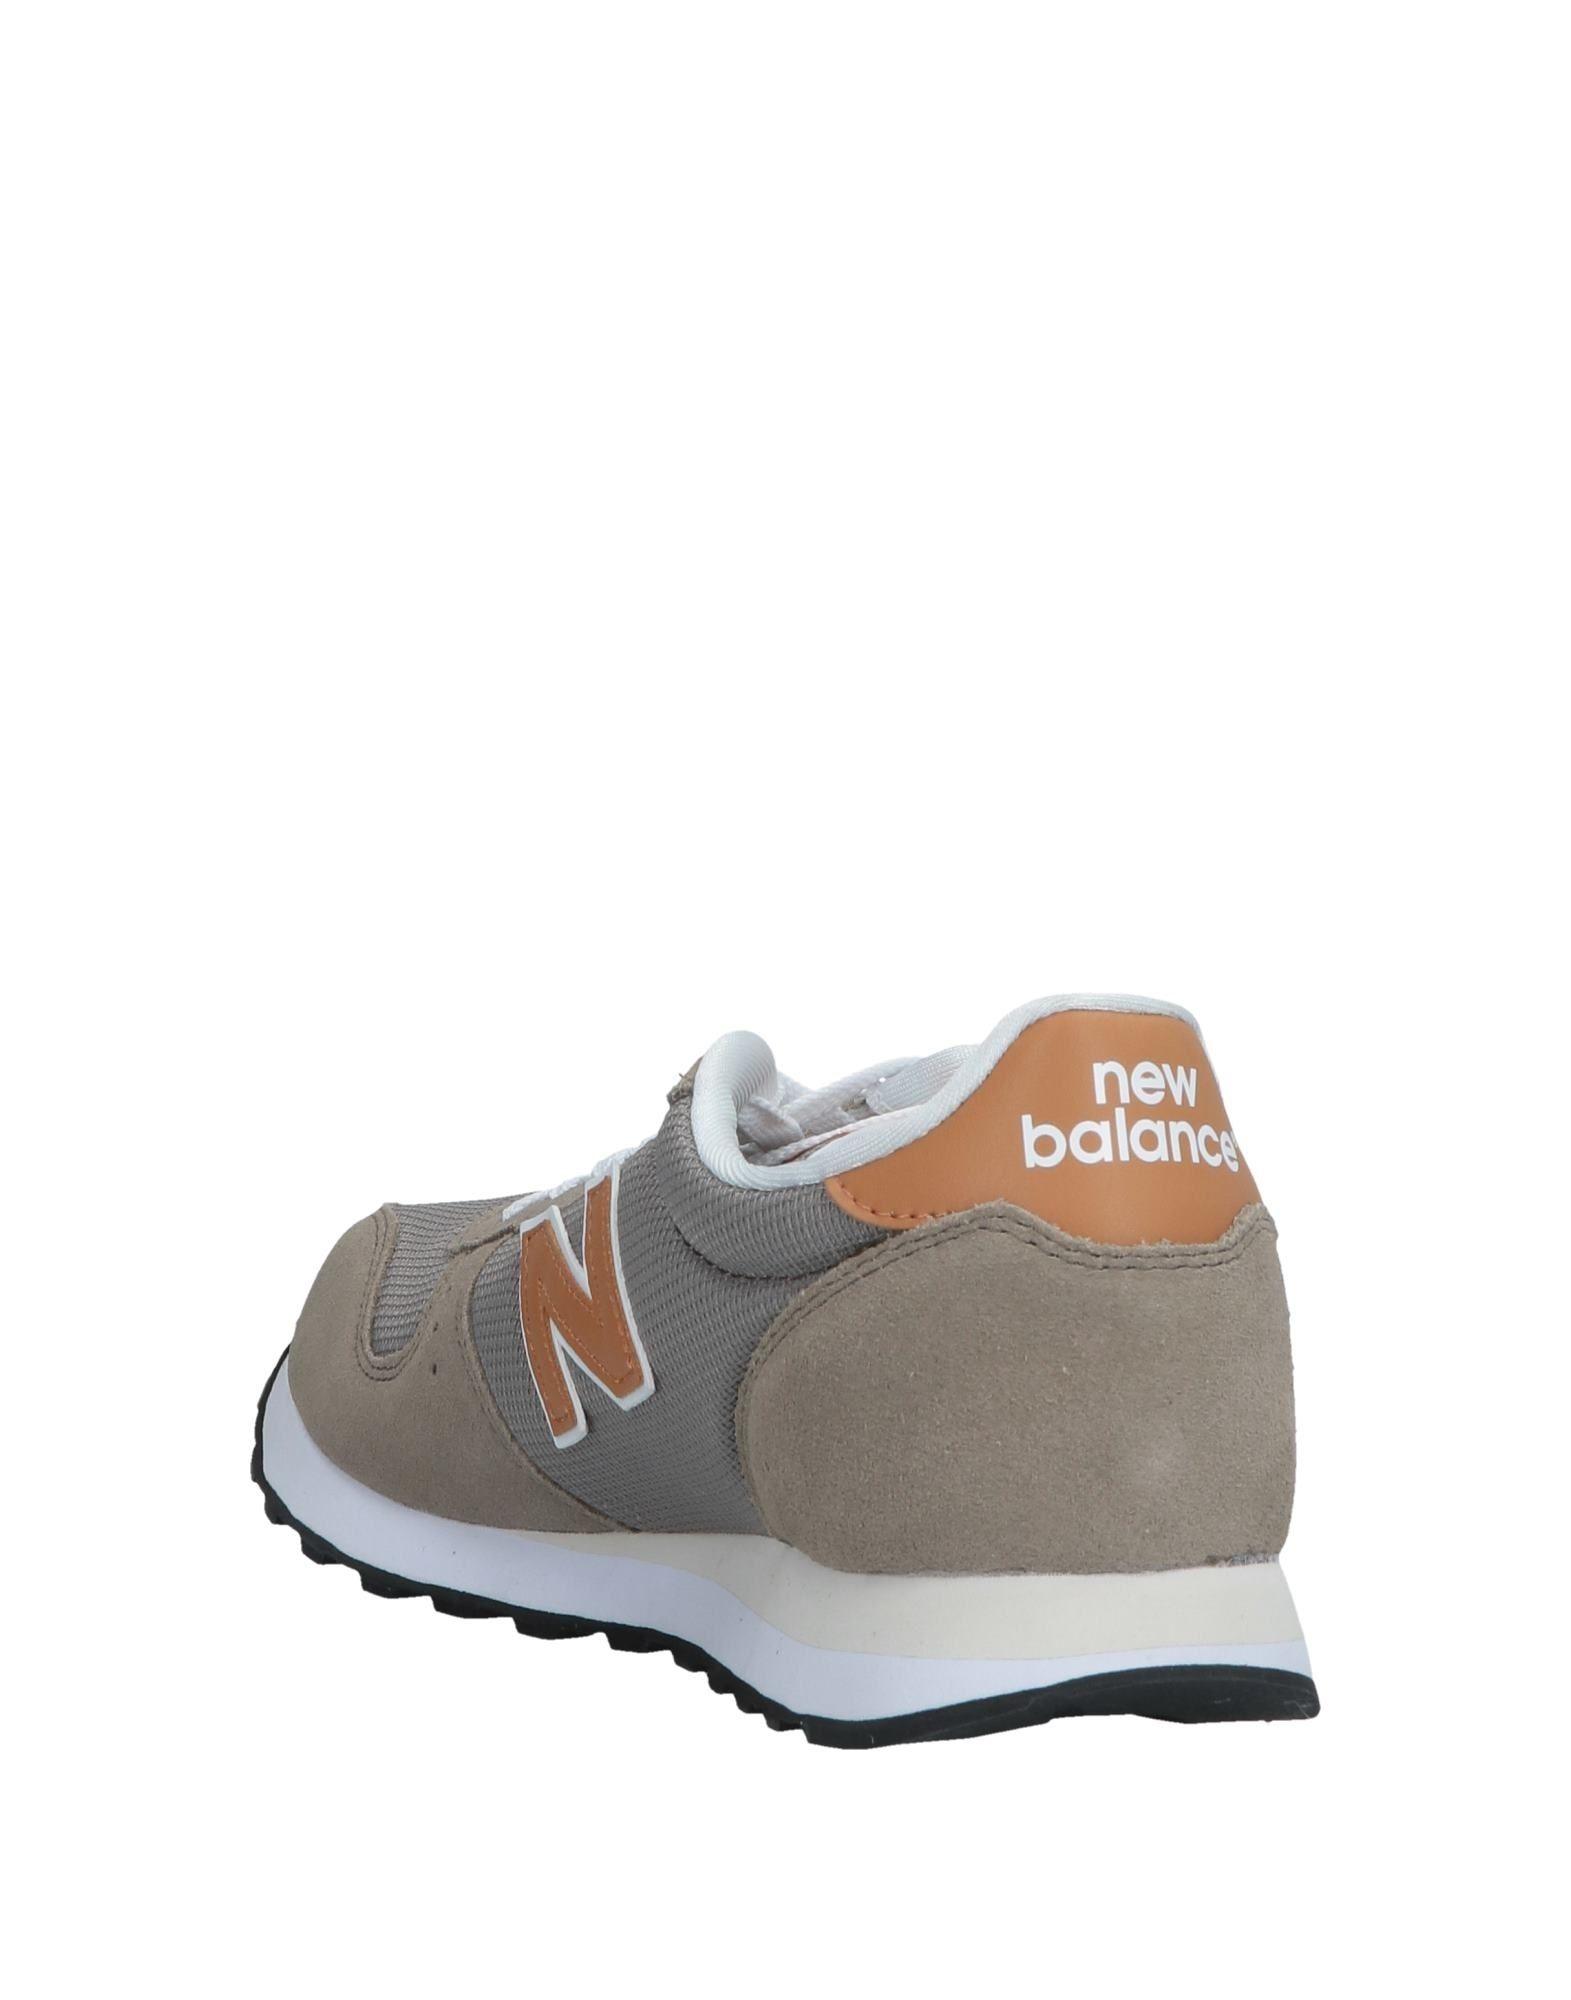 Rabatt Sneakers echte Schuhe New Balance Sneakers Rabatt Herren  11570440NN b15b35